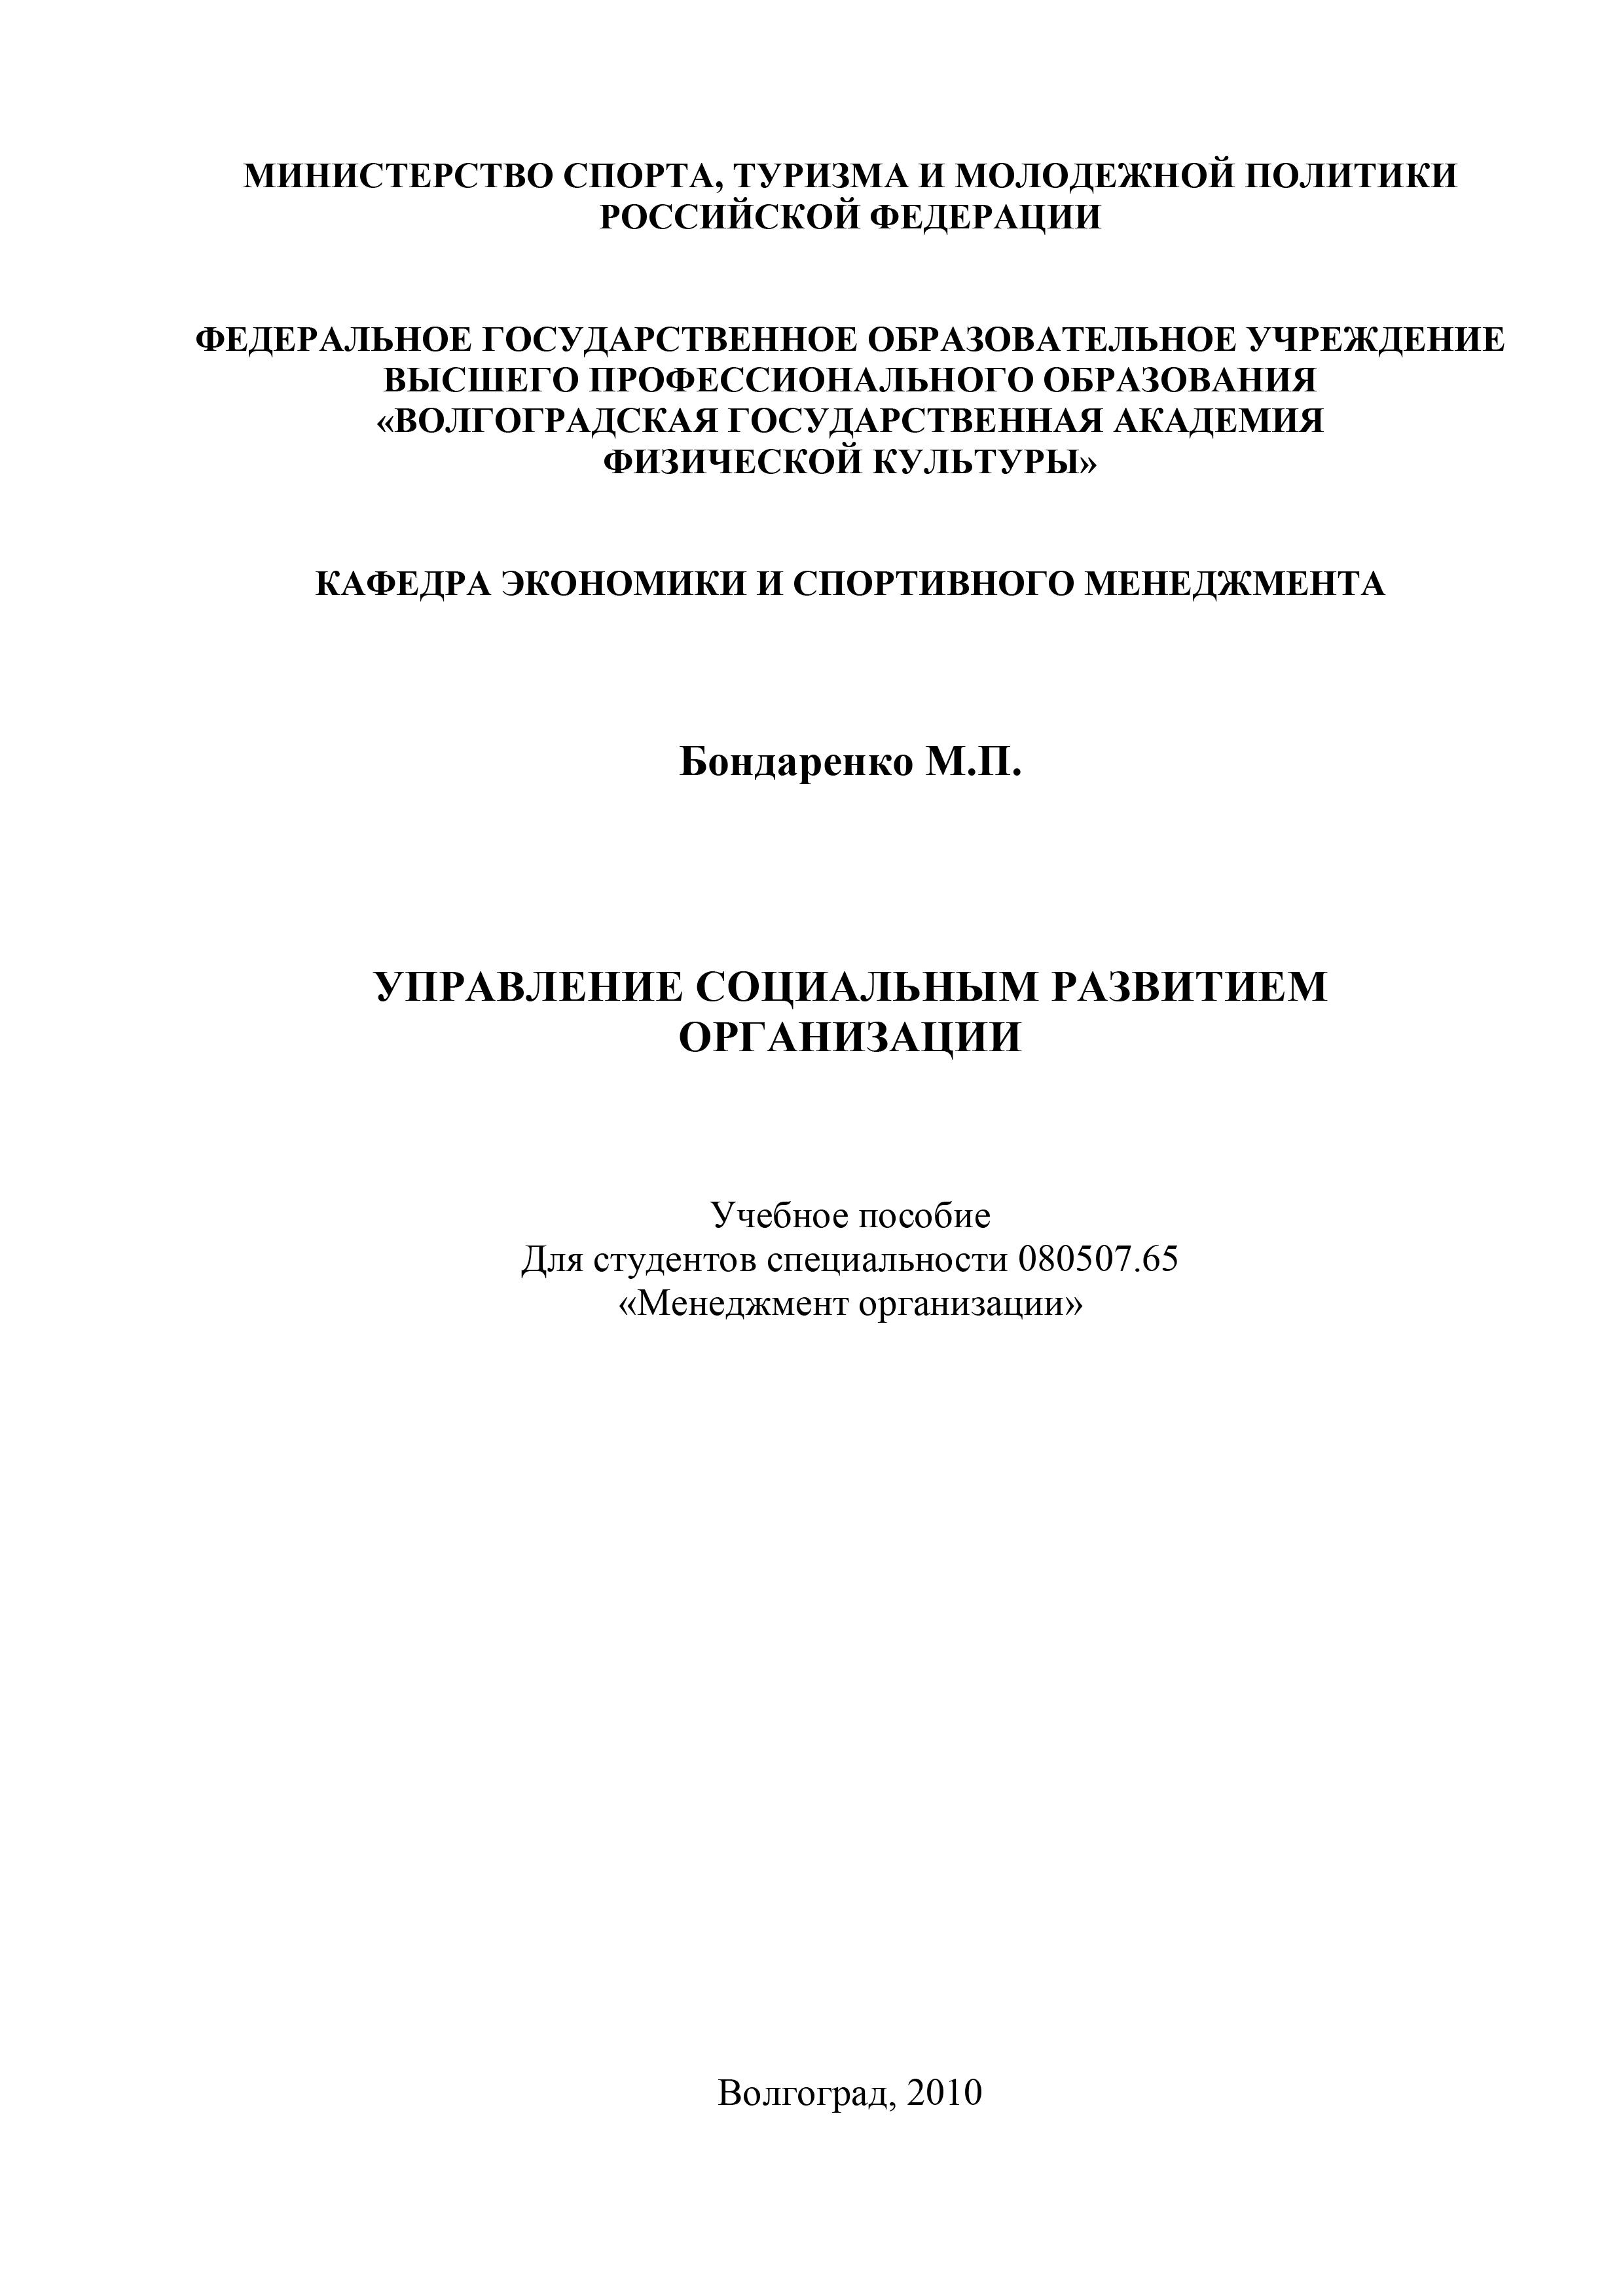 М. П. Бондаренко Управление социальным развитием организации антонов г иванова о тумин в управление конкурентоспособностью организации учеб пособие